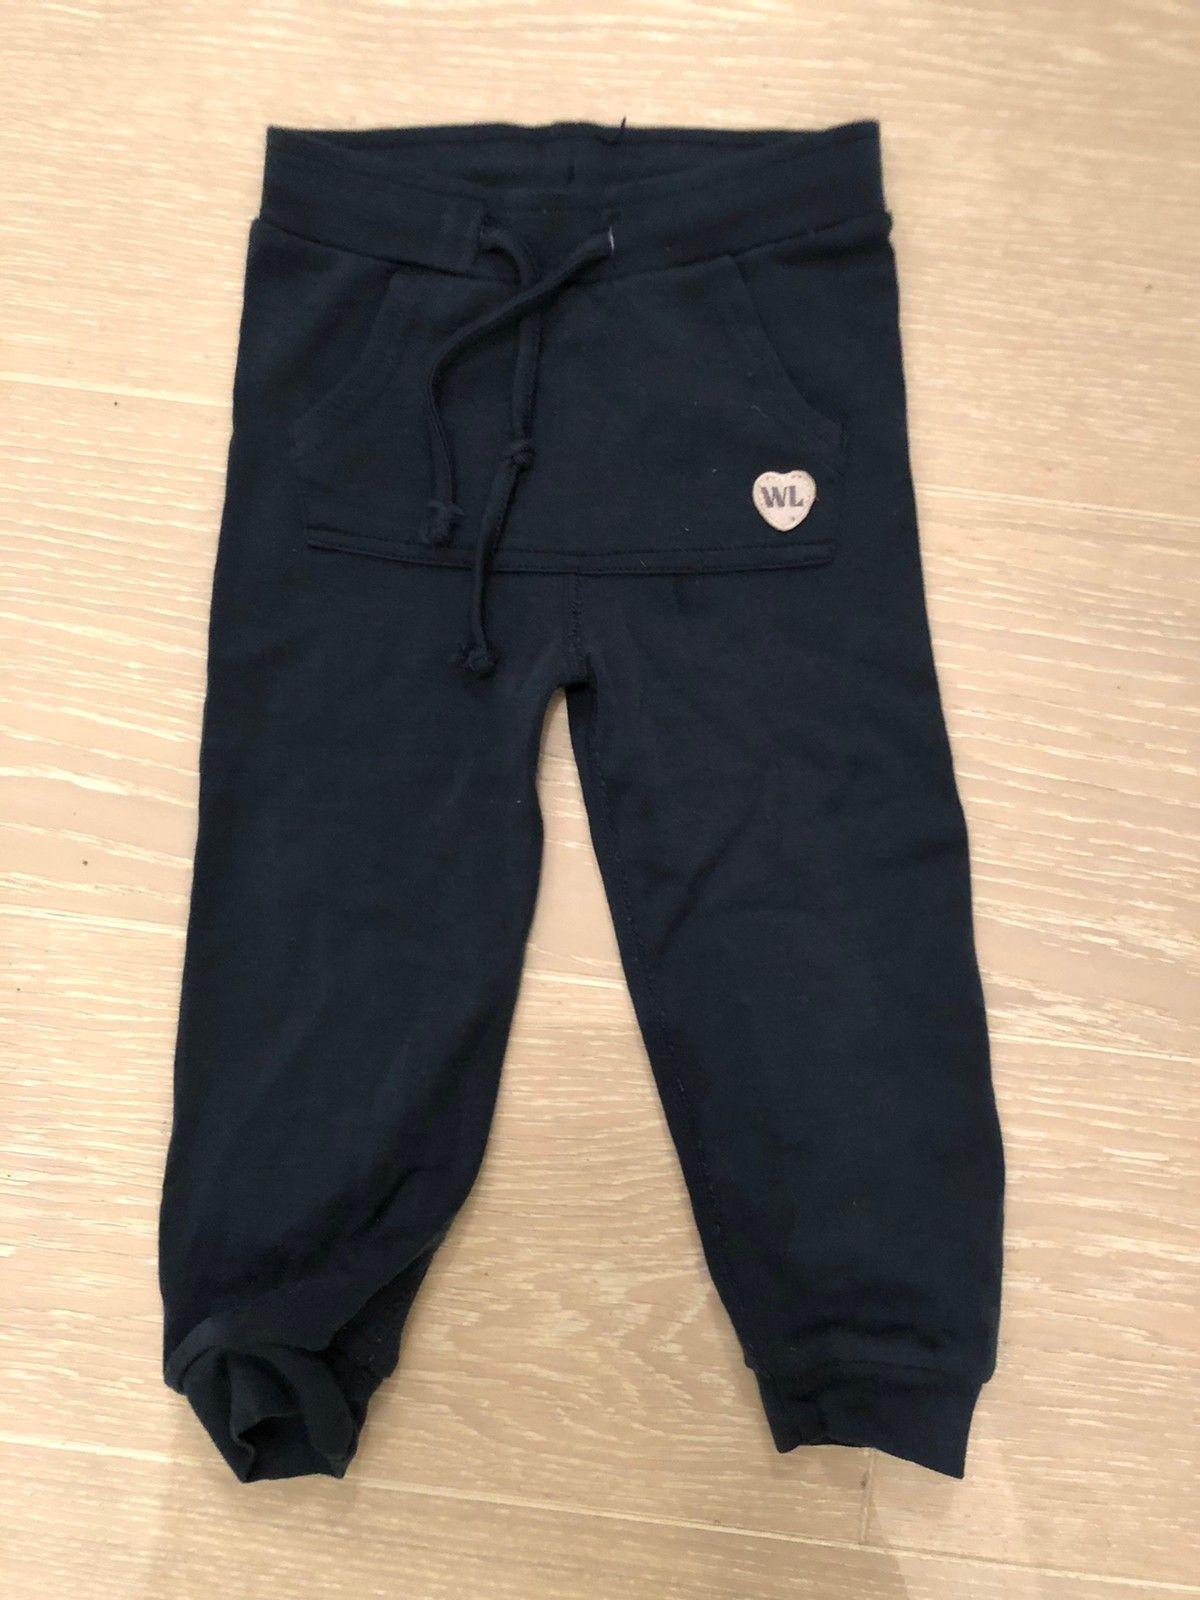 Woolland jente bukse | FINN.no